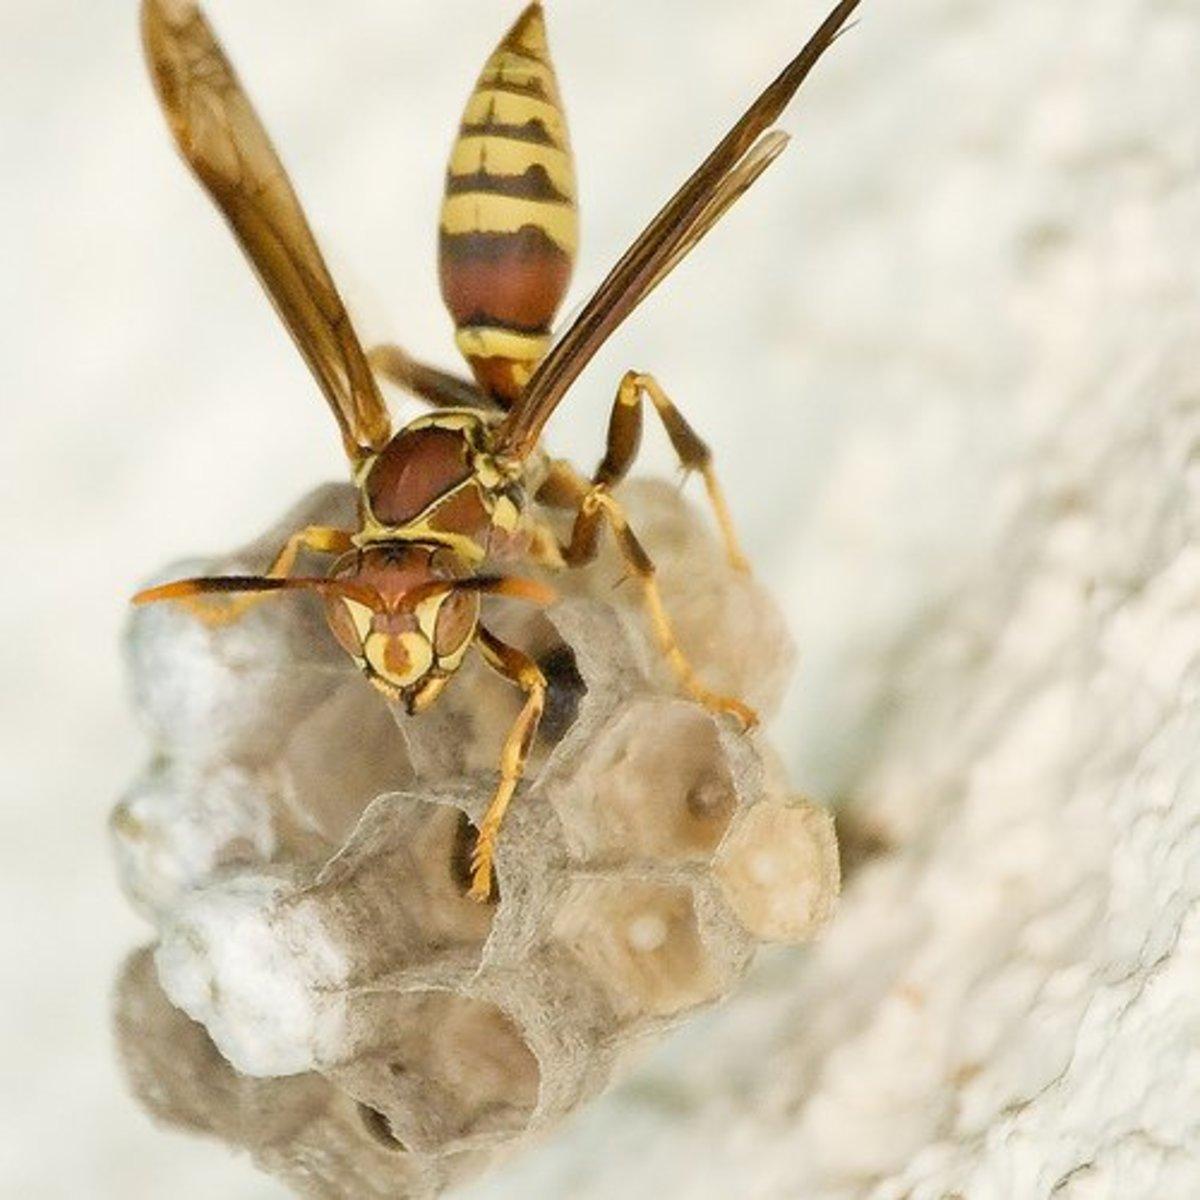 Wasp by RBerteig